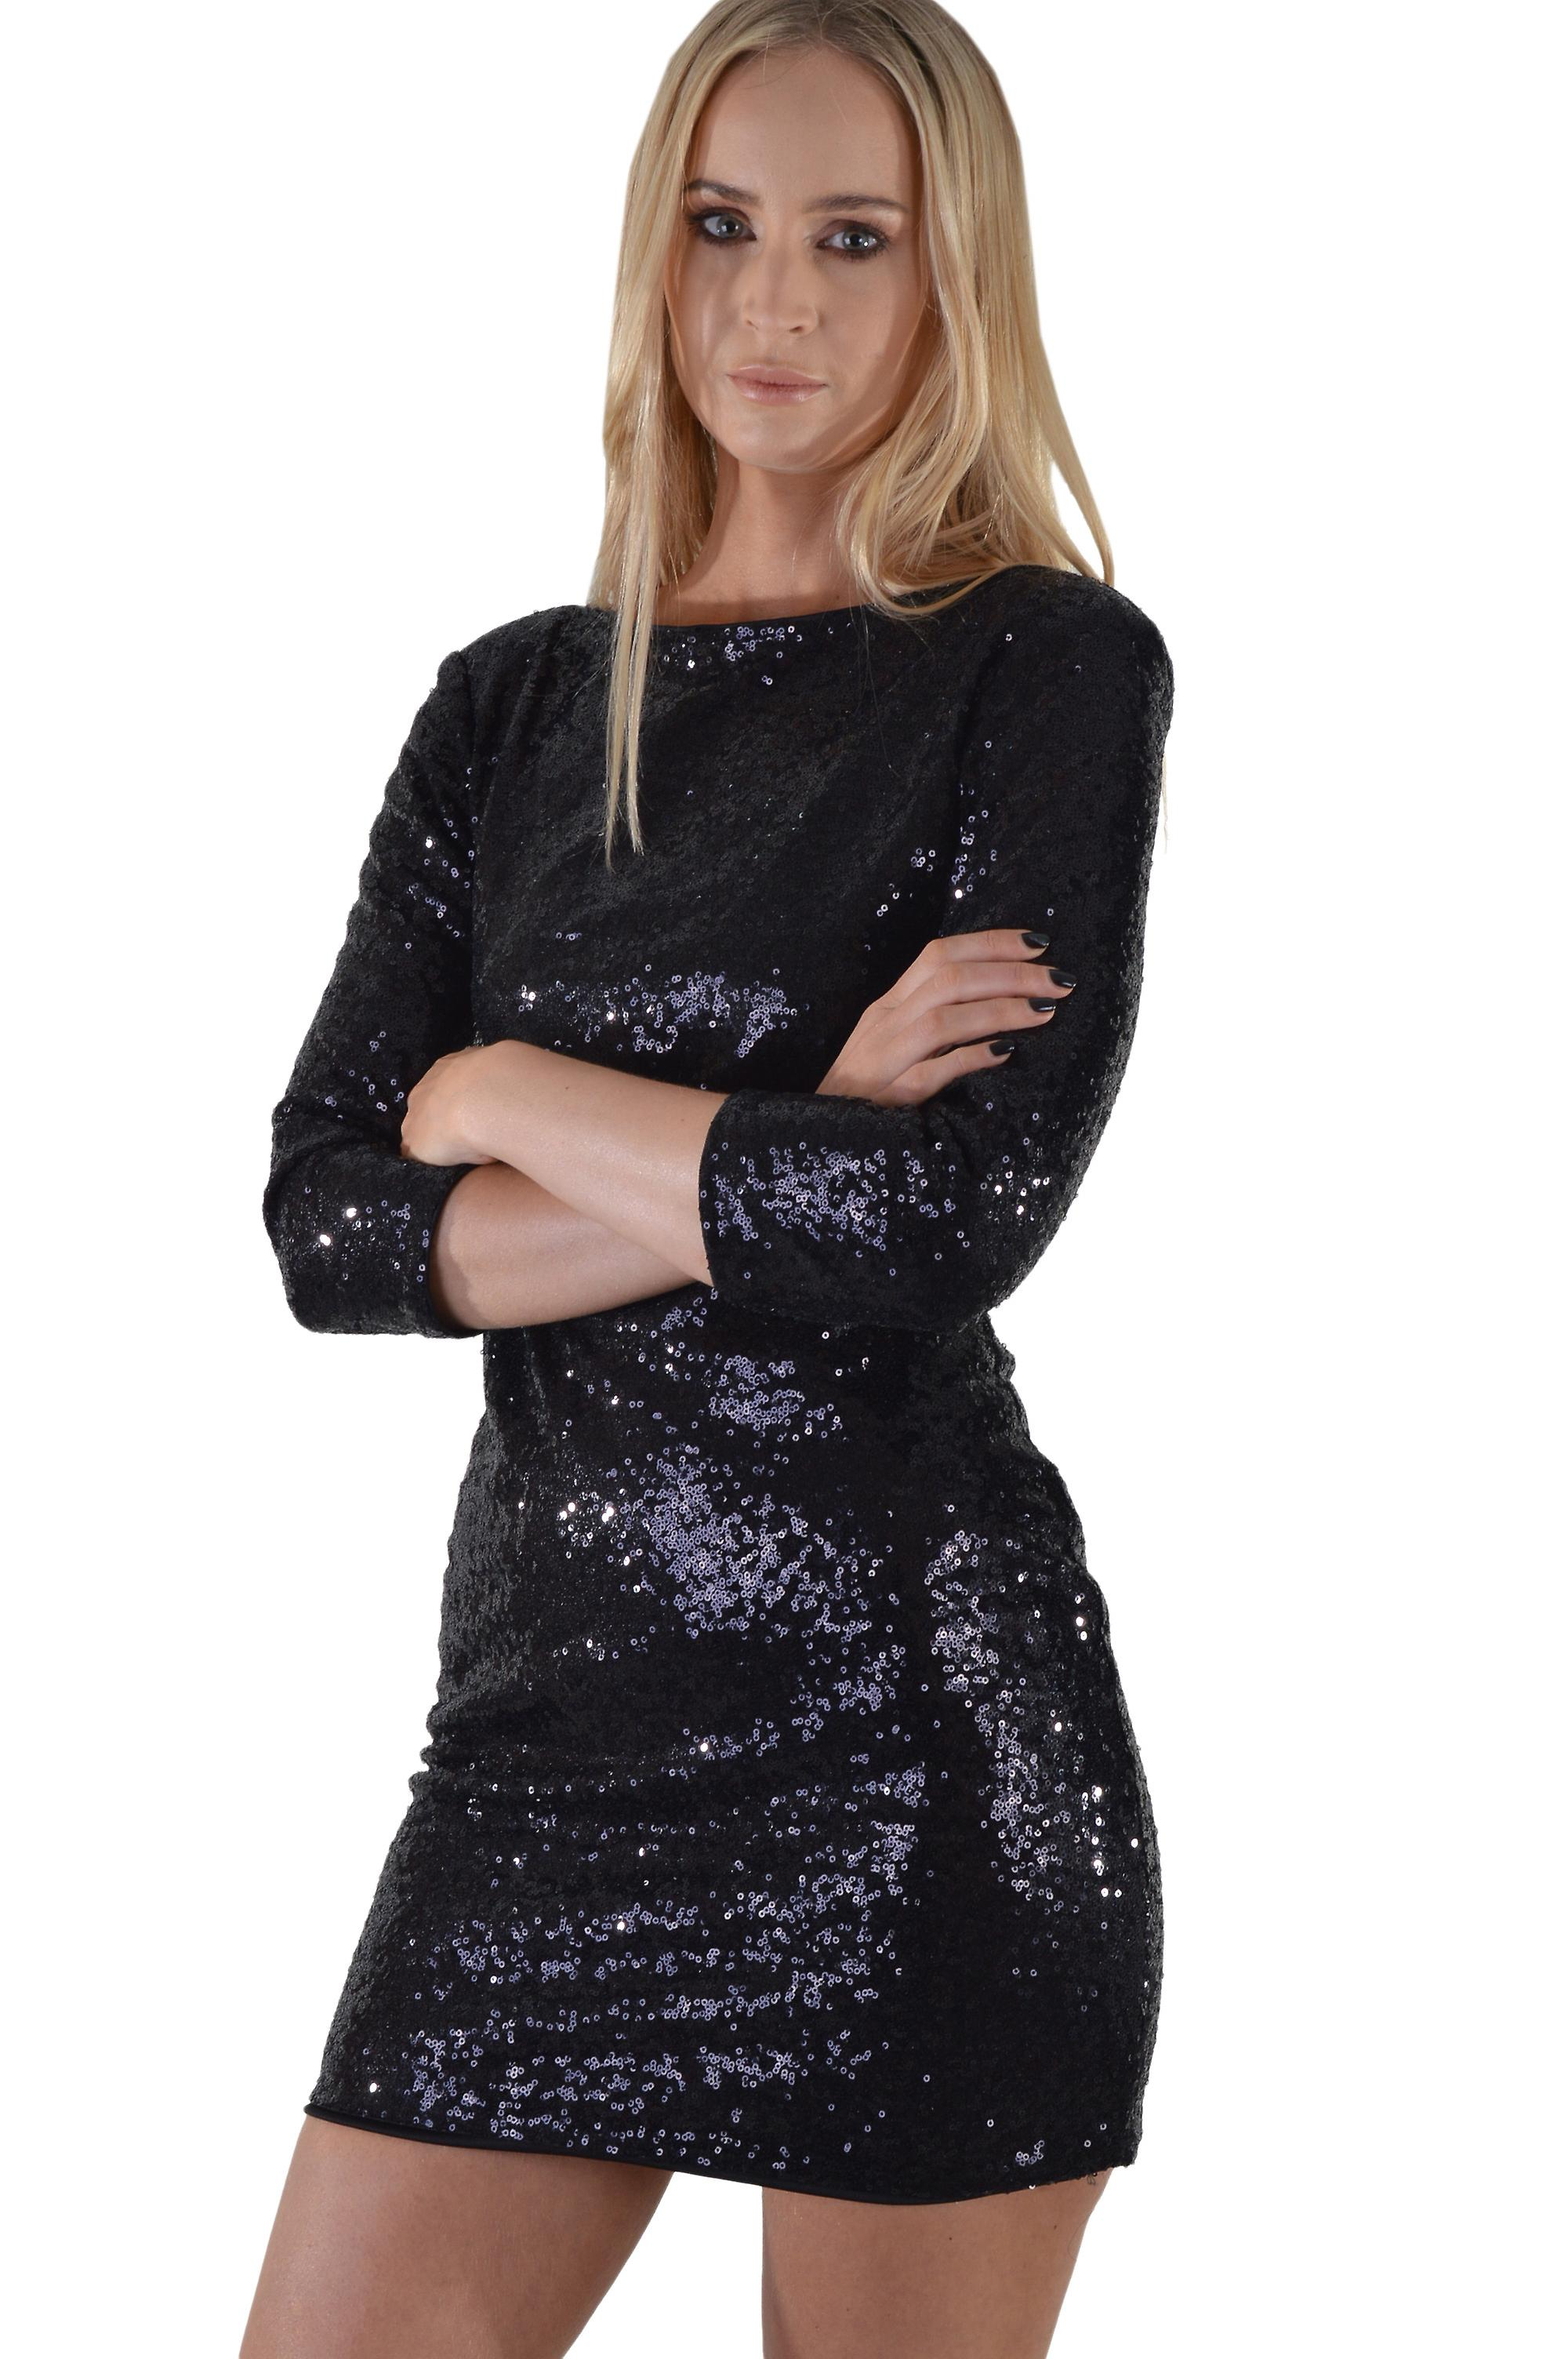 c5e76f5c622 LMS langermet svart Sequin kjole med styrter tilbake | Fruugo